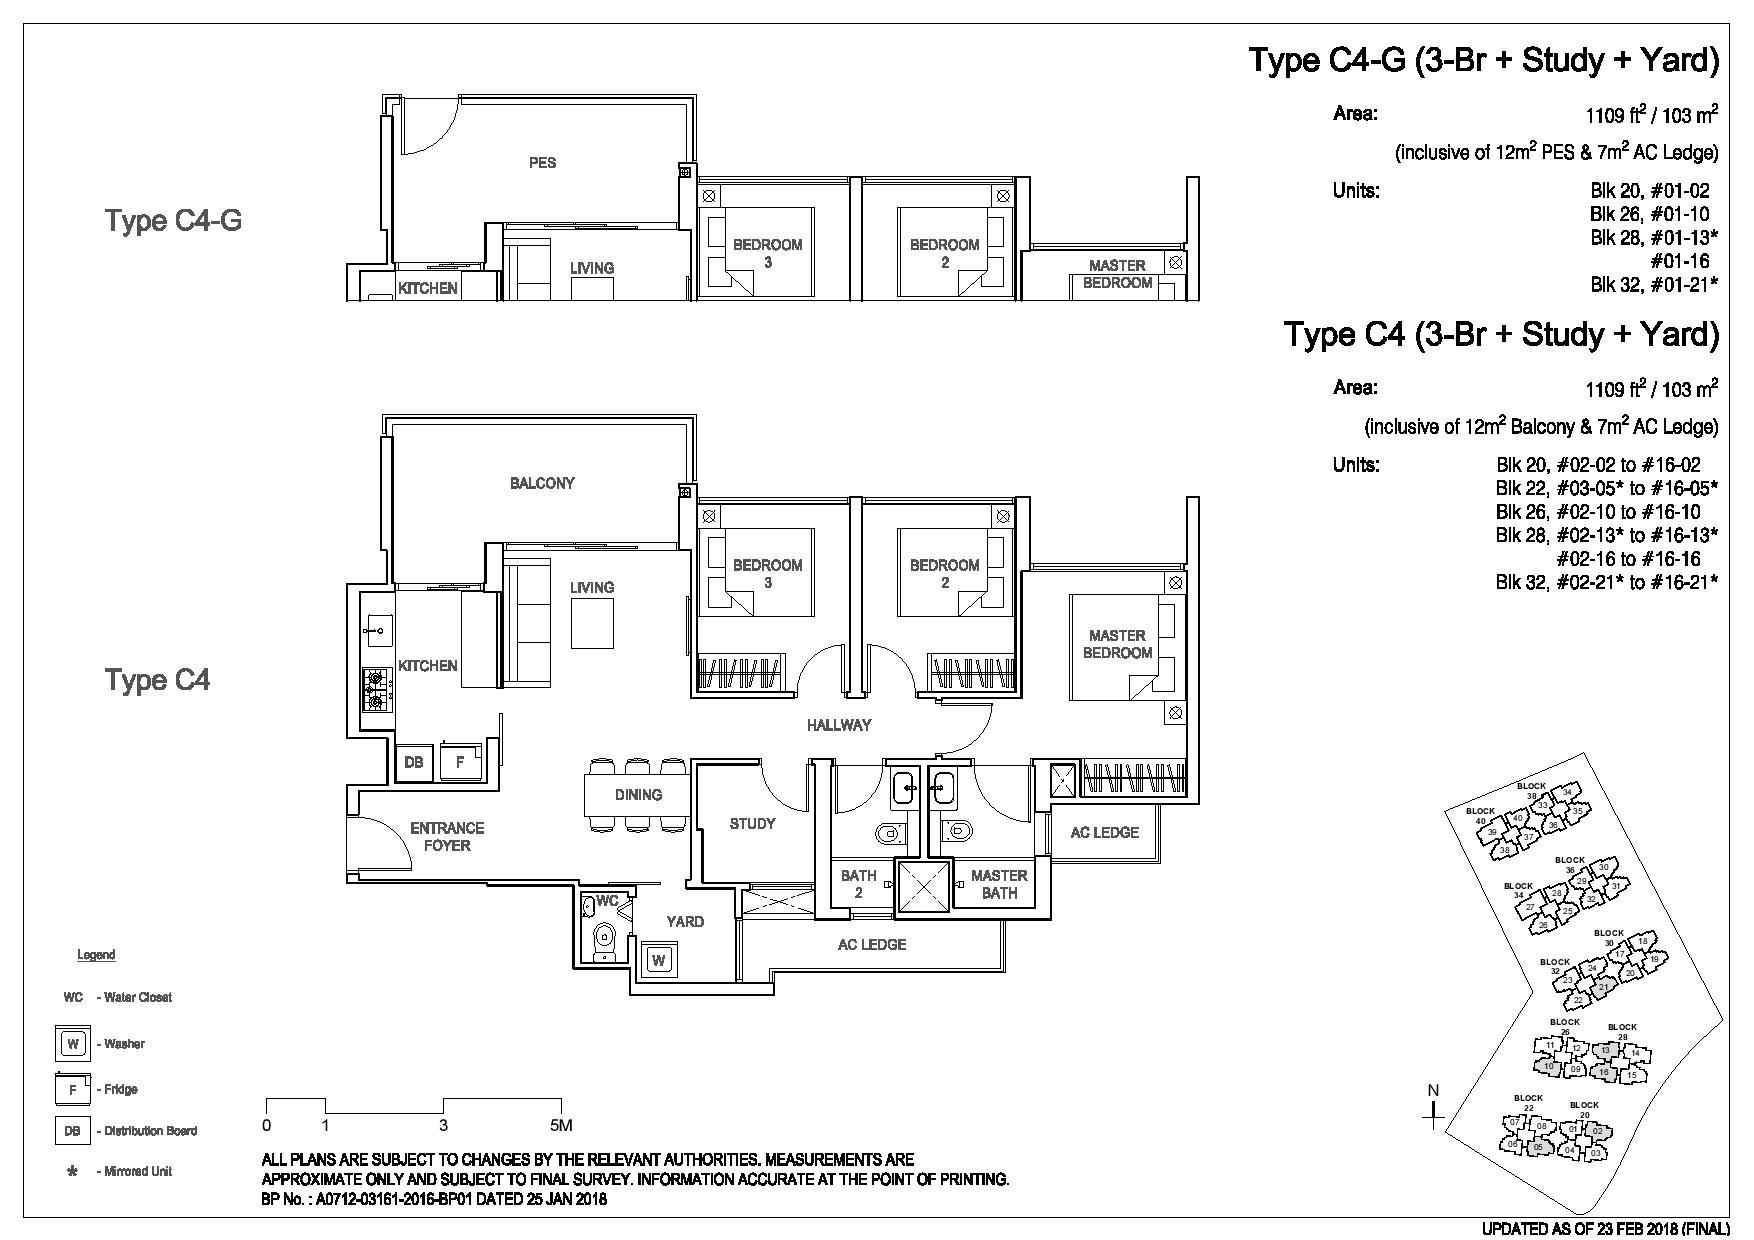 3 Bedroom Type C4